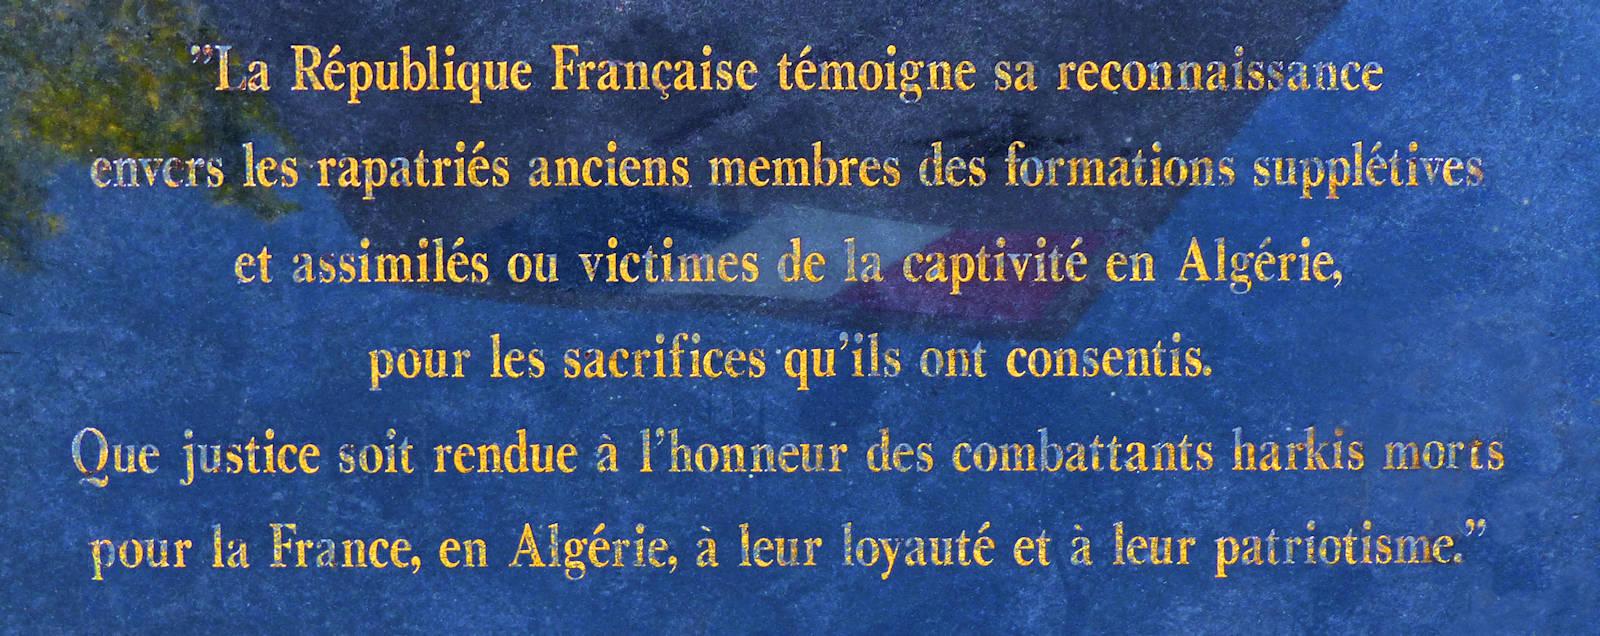 Tourcoing, Hommage aux Harkis - Inscription sur la stèle